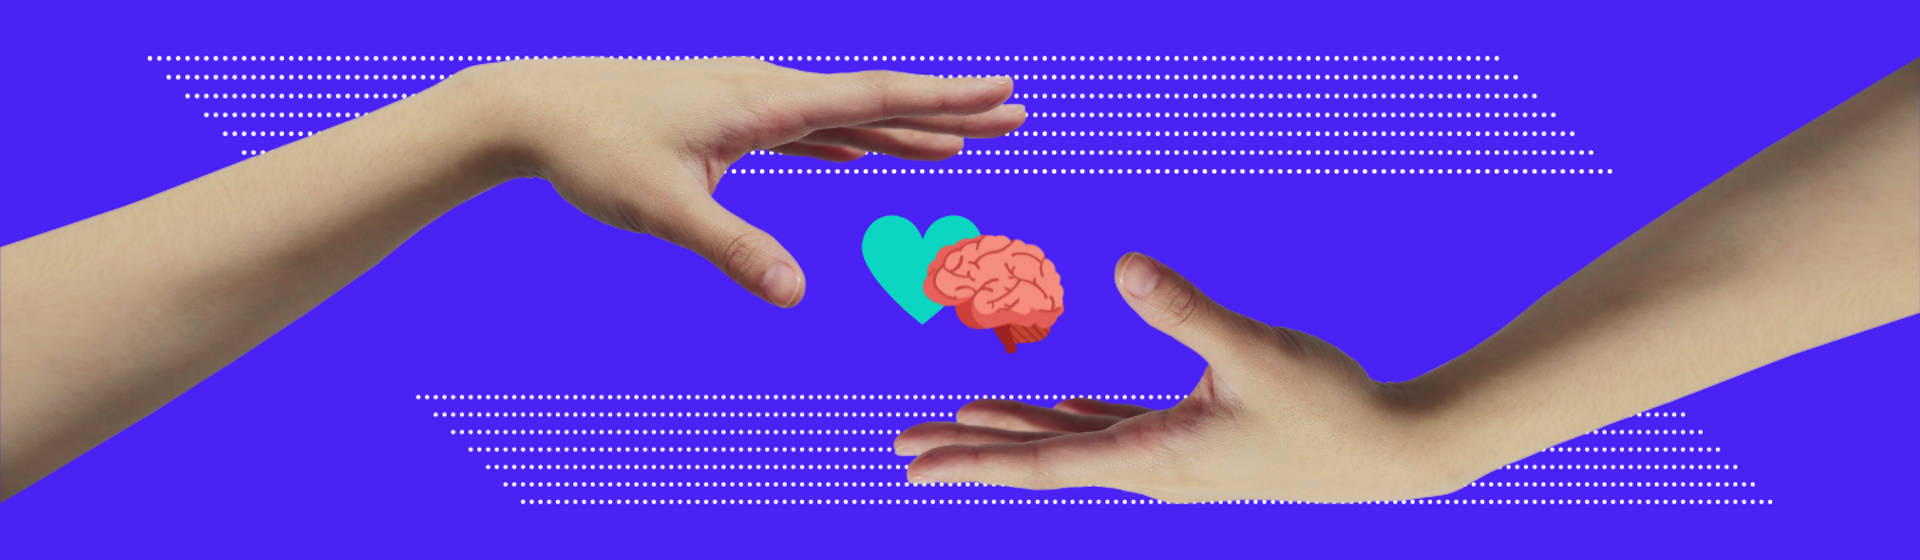 Practica la resiliencia y la empatía para fortalecer tu salud mental